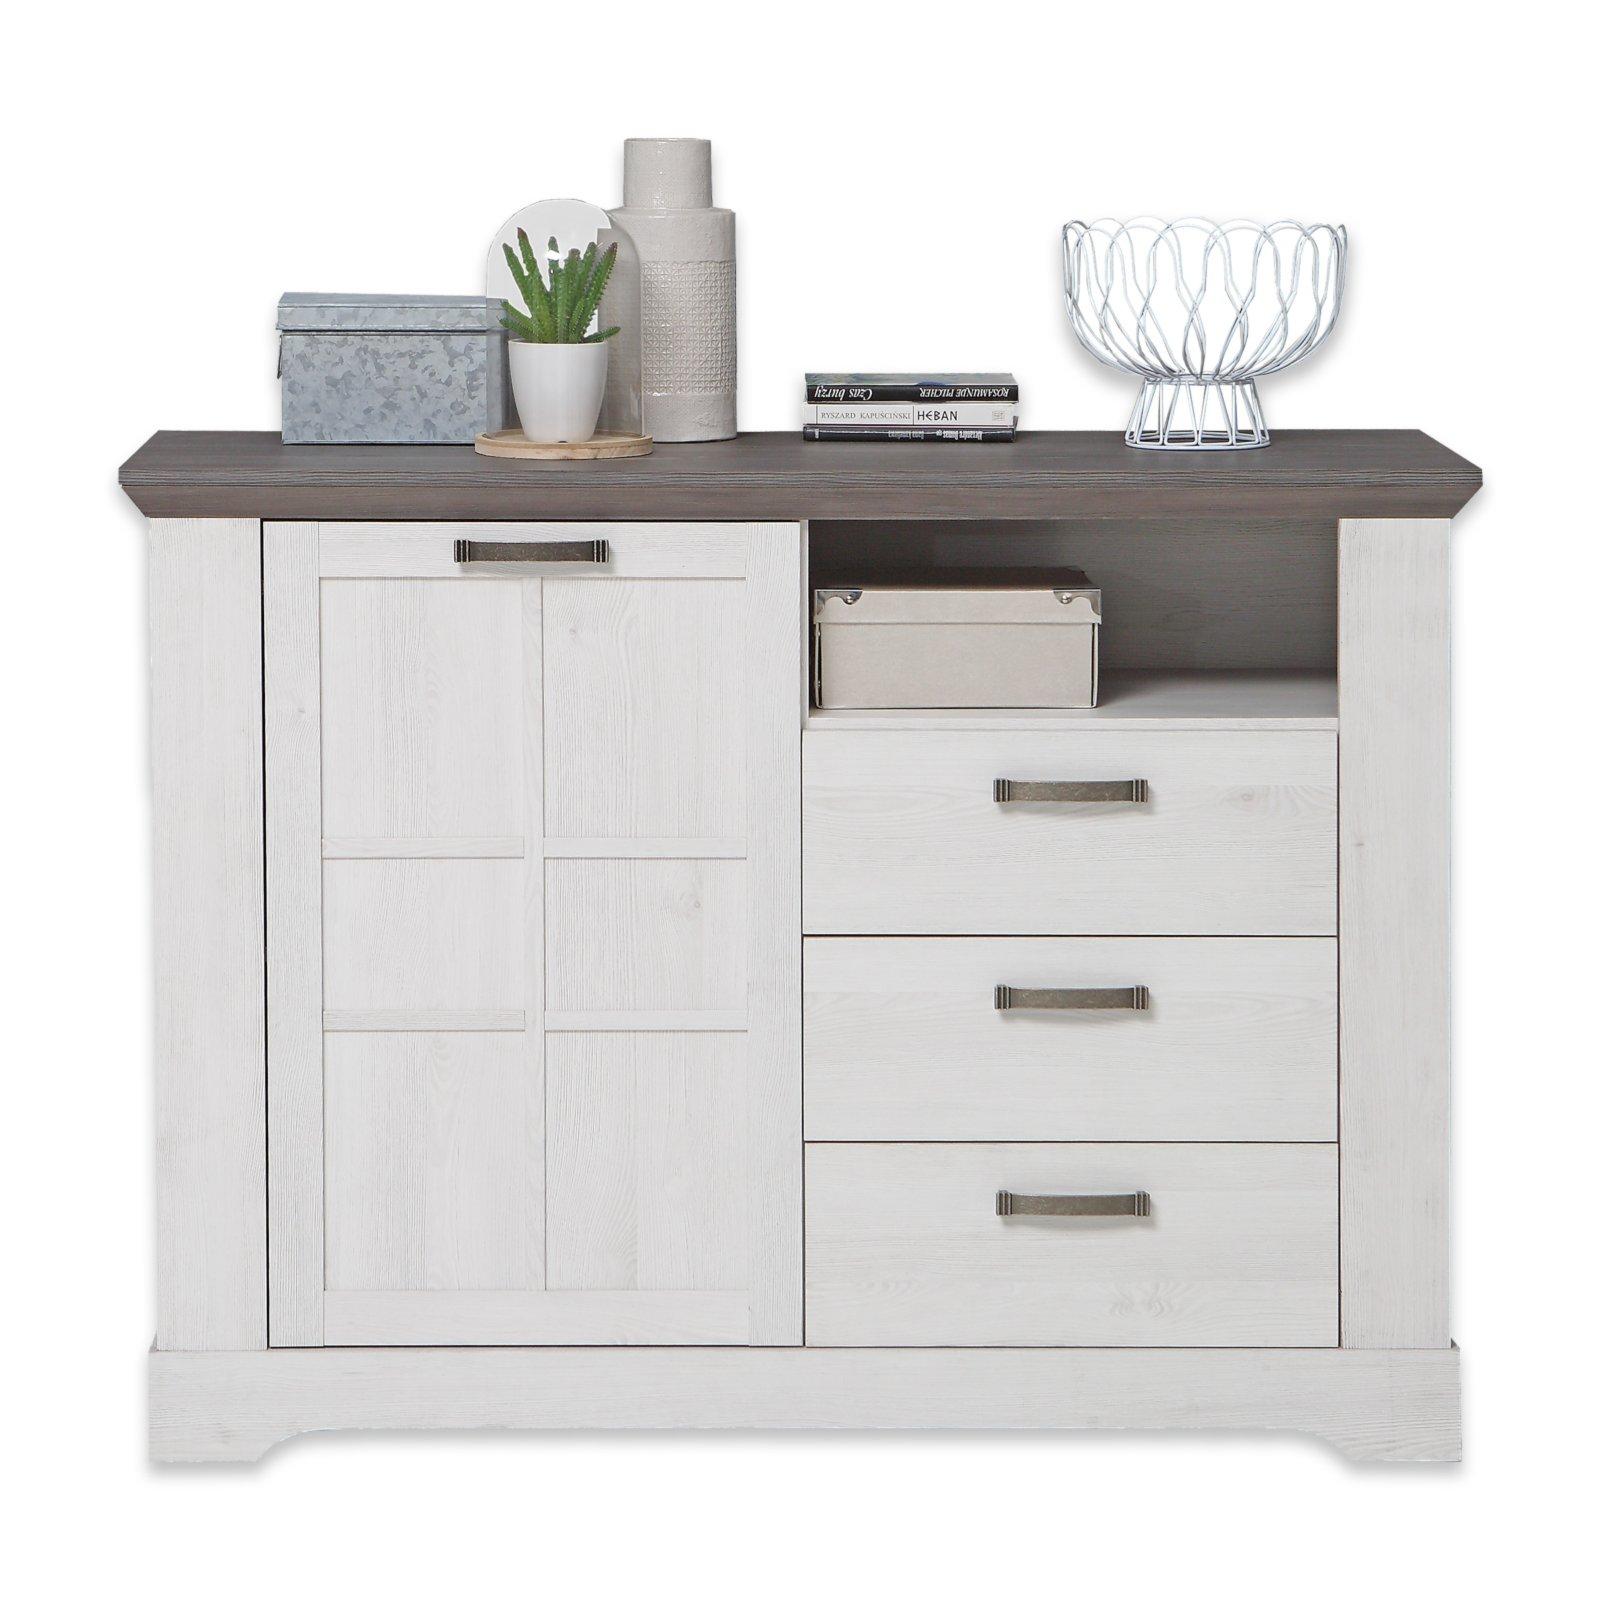 kommode gasparo schneeeiche pinie grau 125 cm breit kommoden sideboards m bel. Black Bedroom Furniture Sets. Home Design Ideas